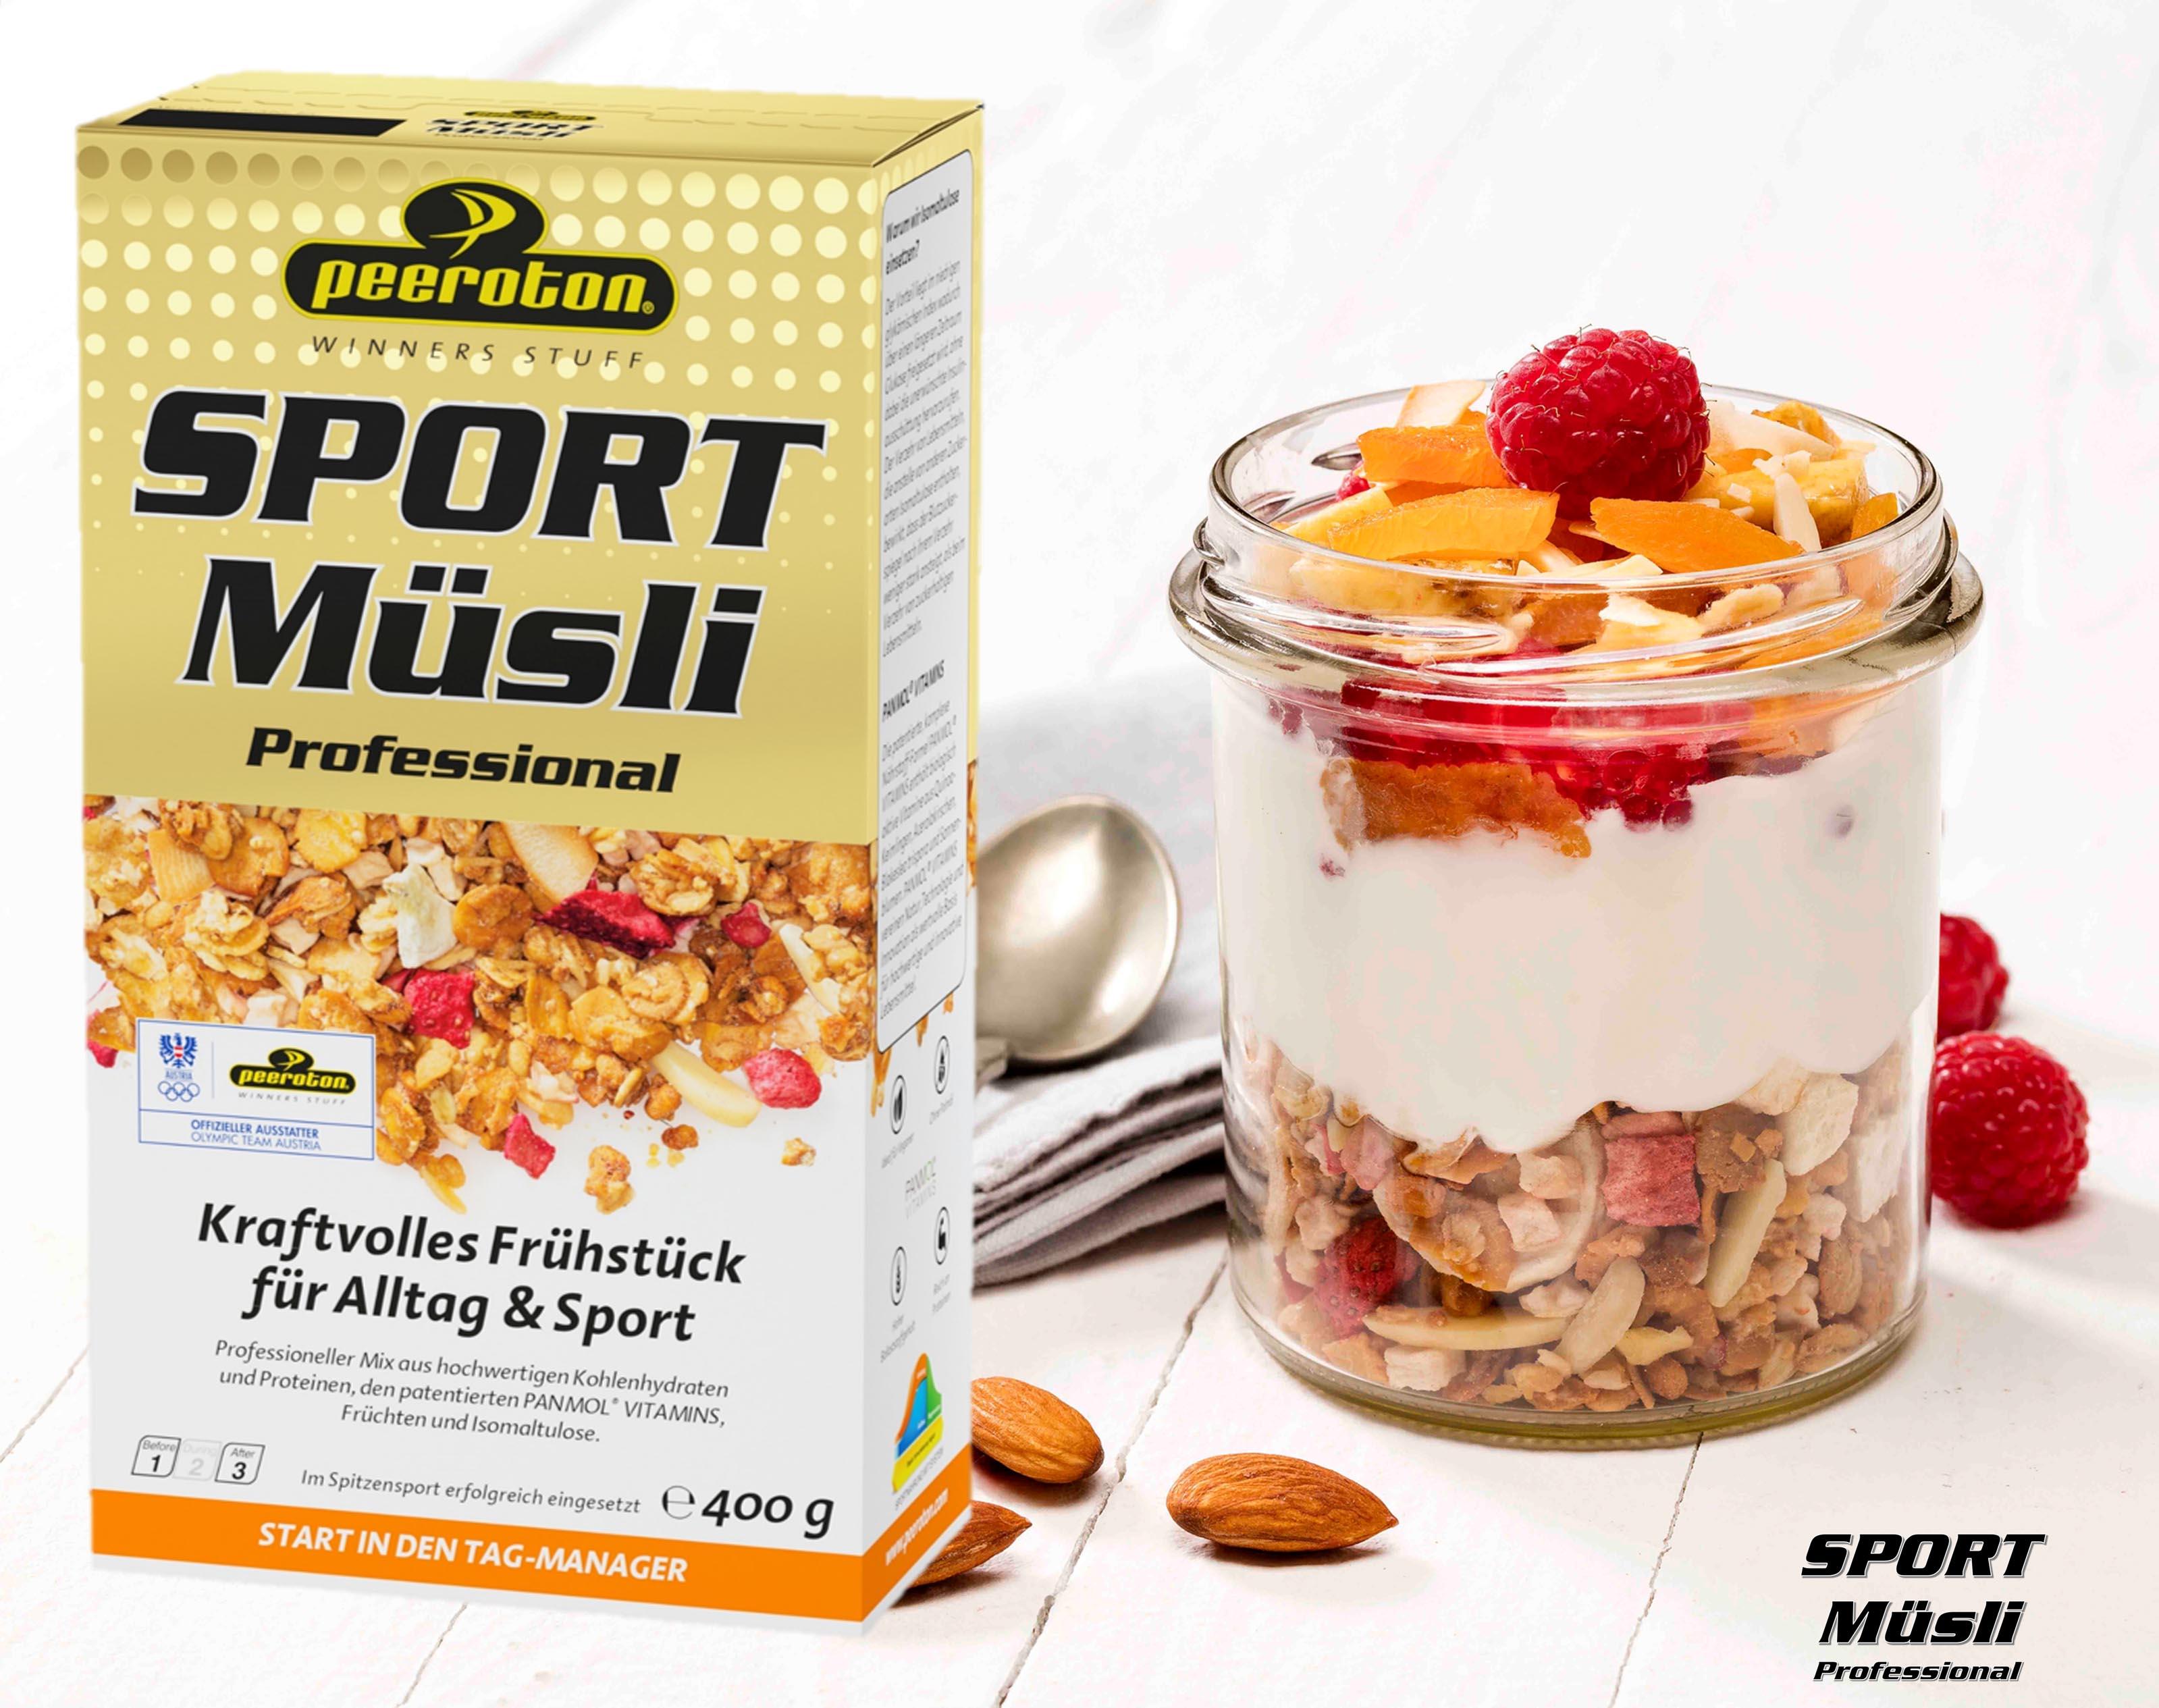 Sport-Muesli-Professional-Peeroton-2-0